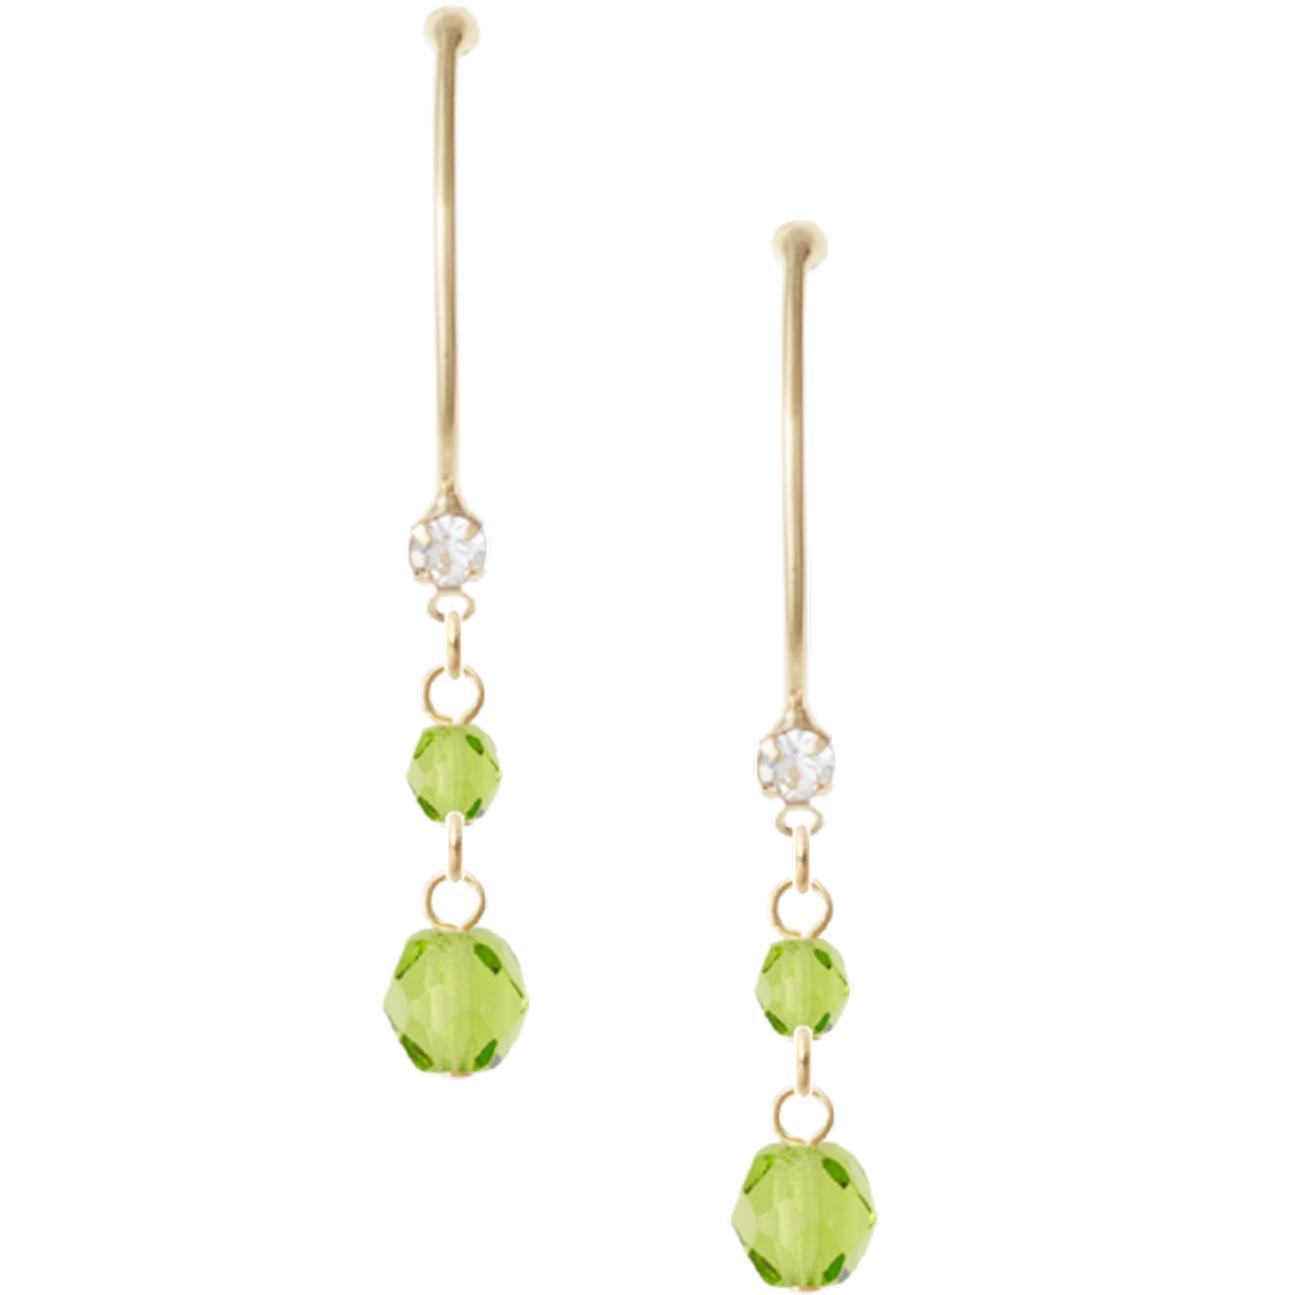 新緑の季節によく映えるゴールド&グリーンのピアス